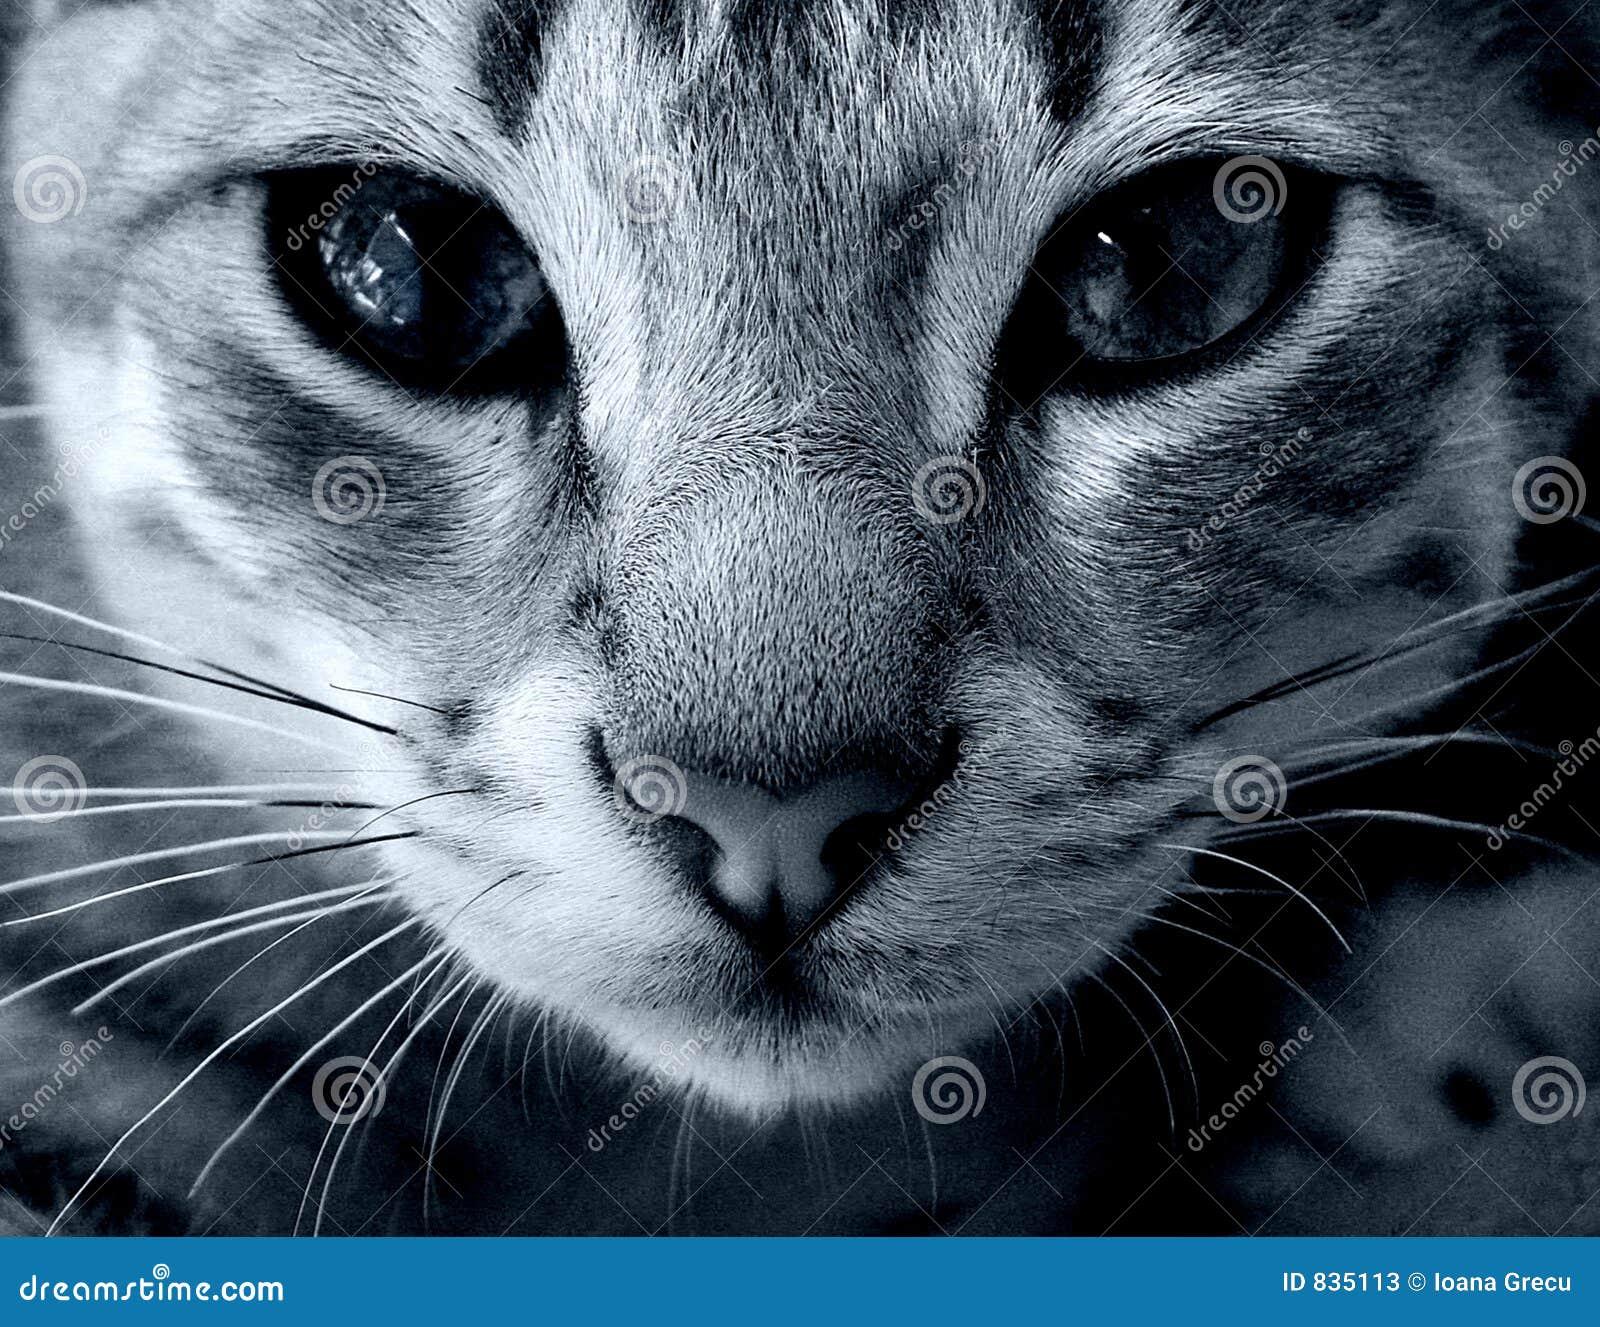 Mire en mis ojos - gato